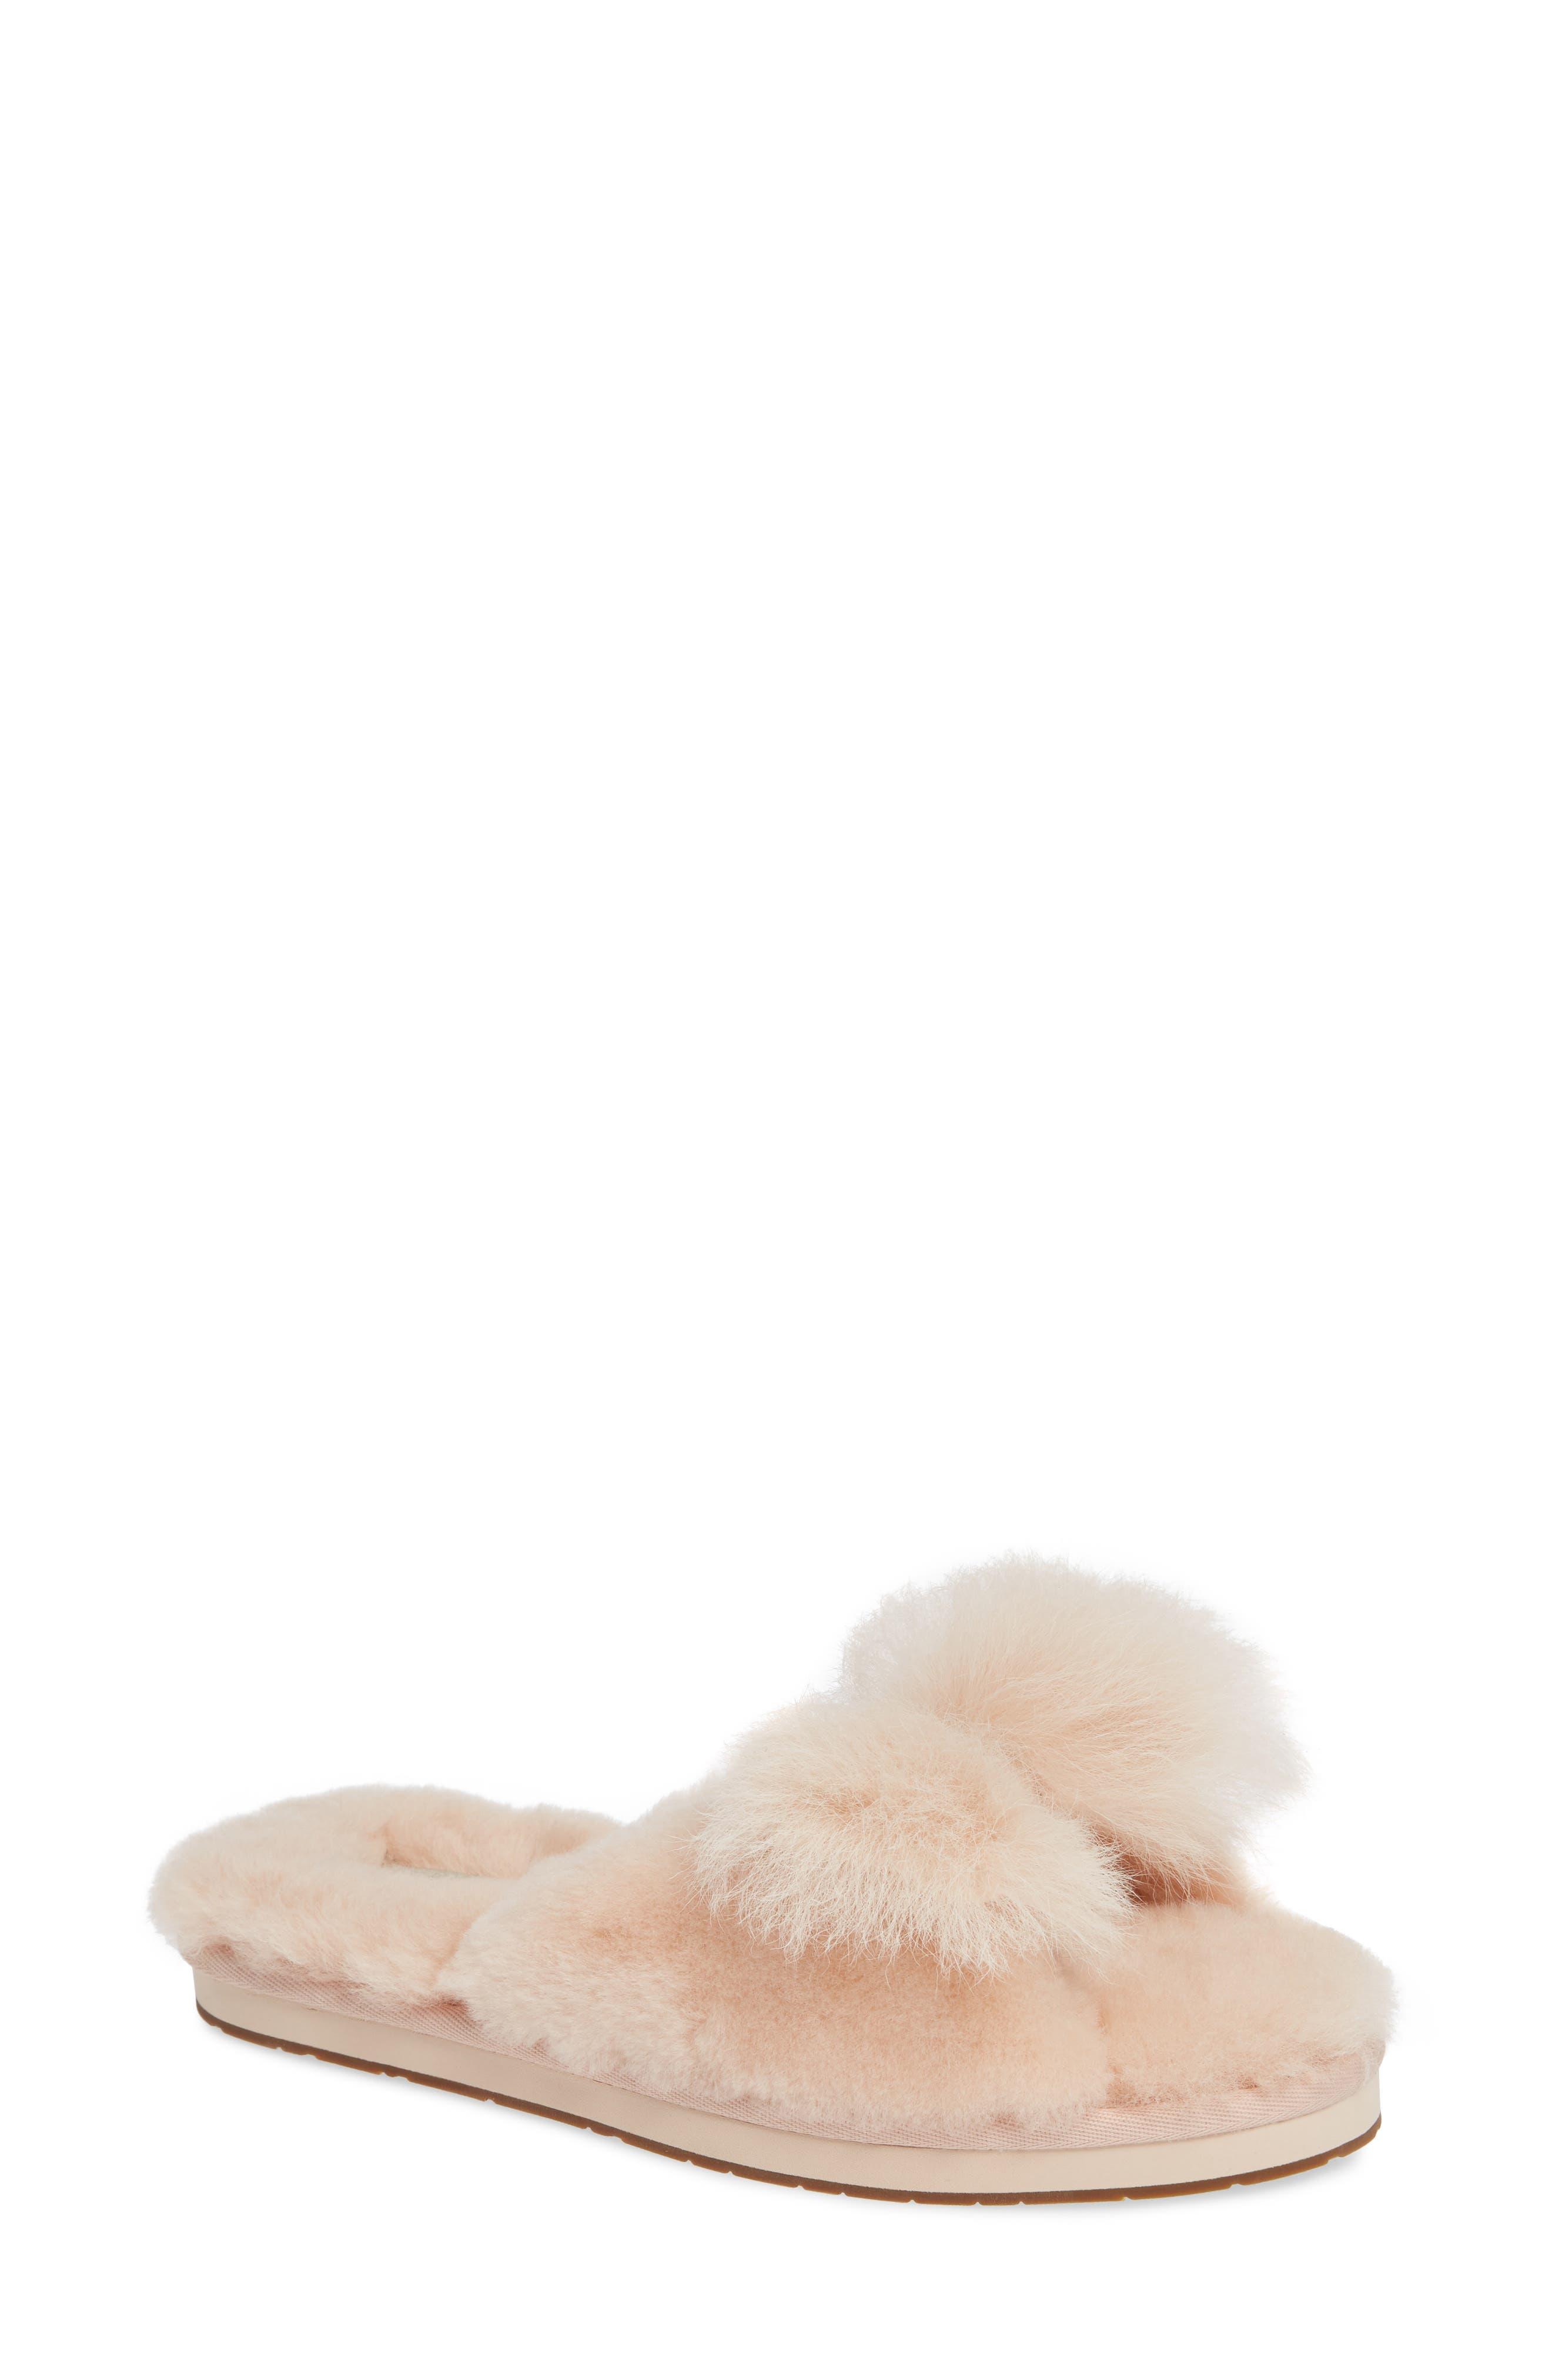 Ugg Mirabelle Genuine Shearling Slipper